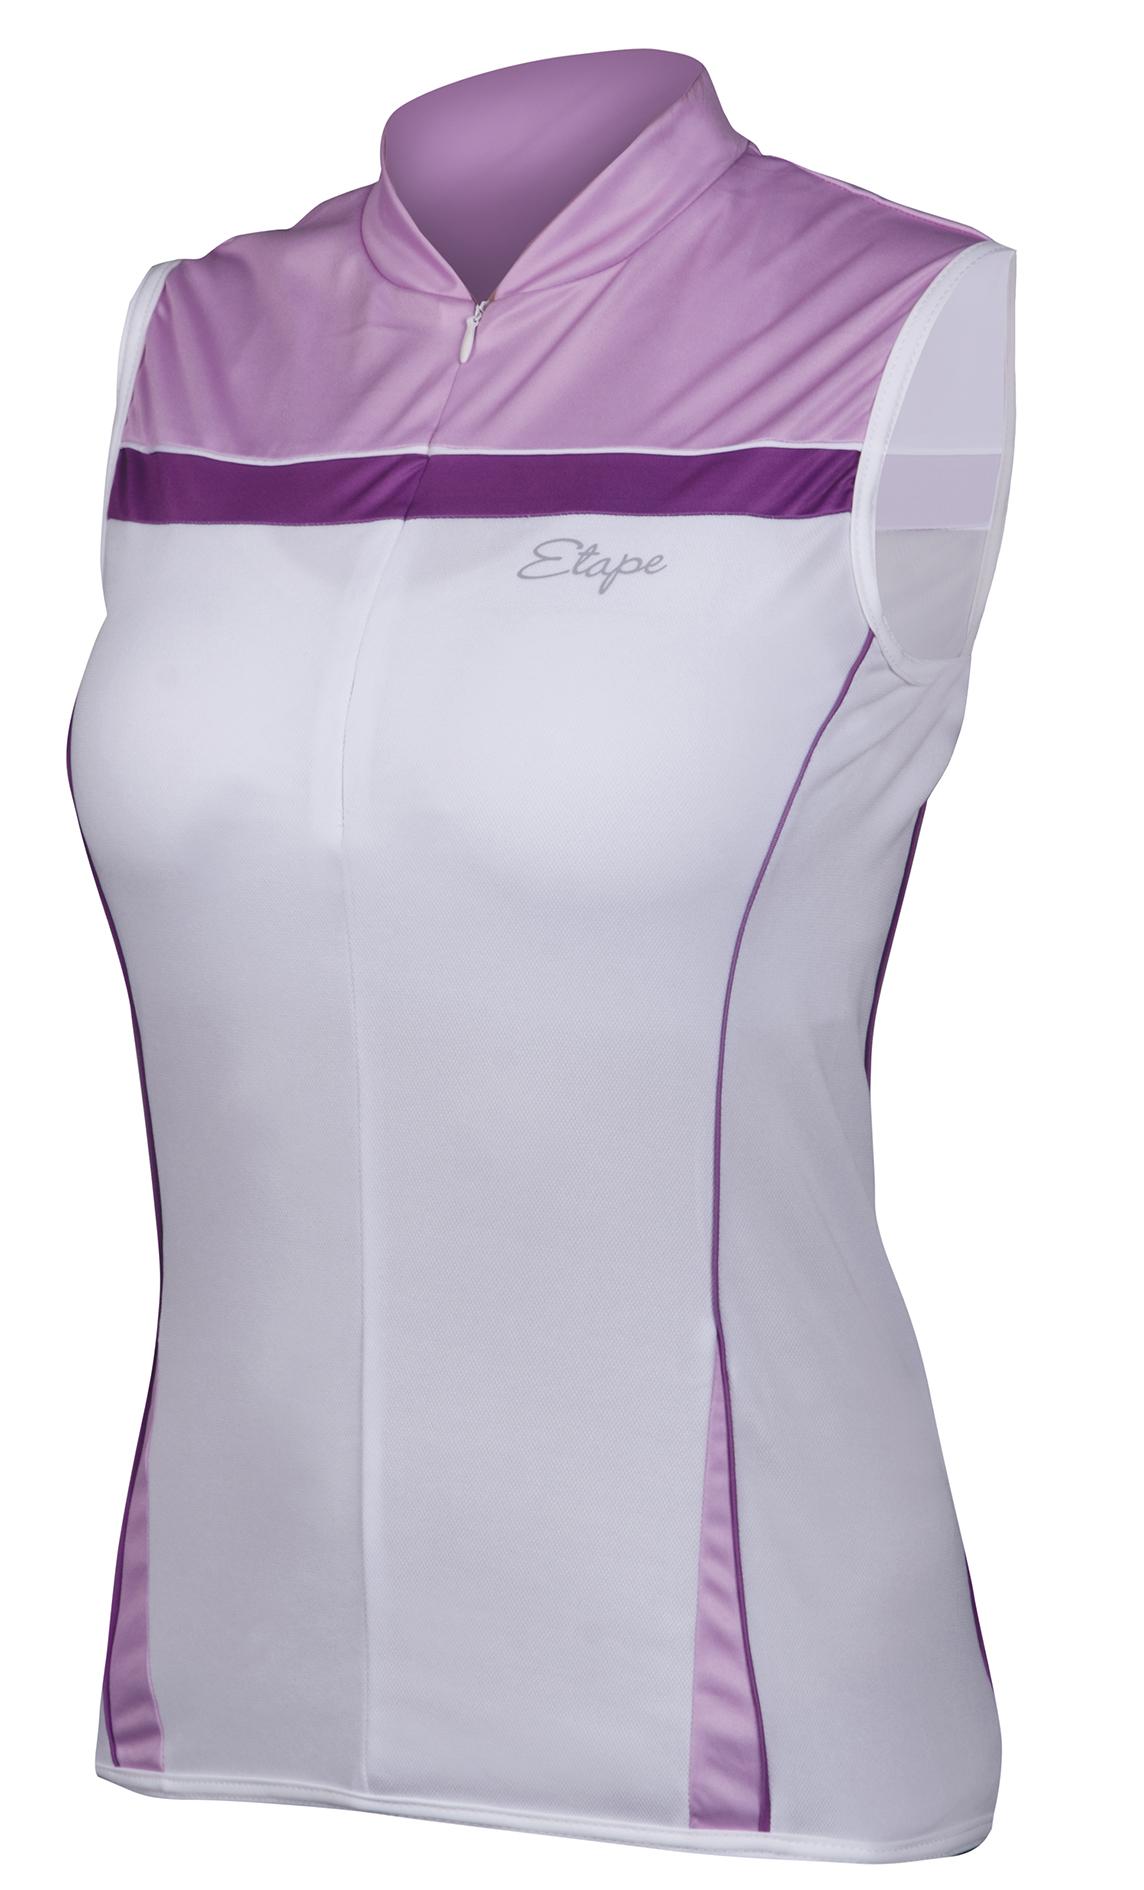 Dámský cyklistický dres ETAPE Roxy, vel. L, bílá/fialová, bez rukávů, model 2017 (Dámský dres Etape, přední skrytý zip, bez rukávů)